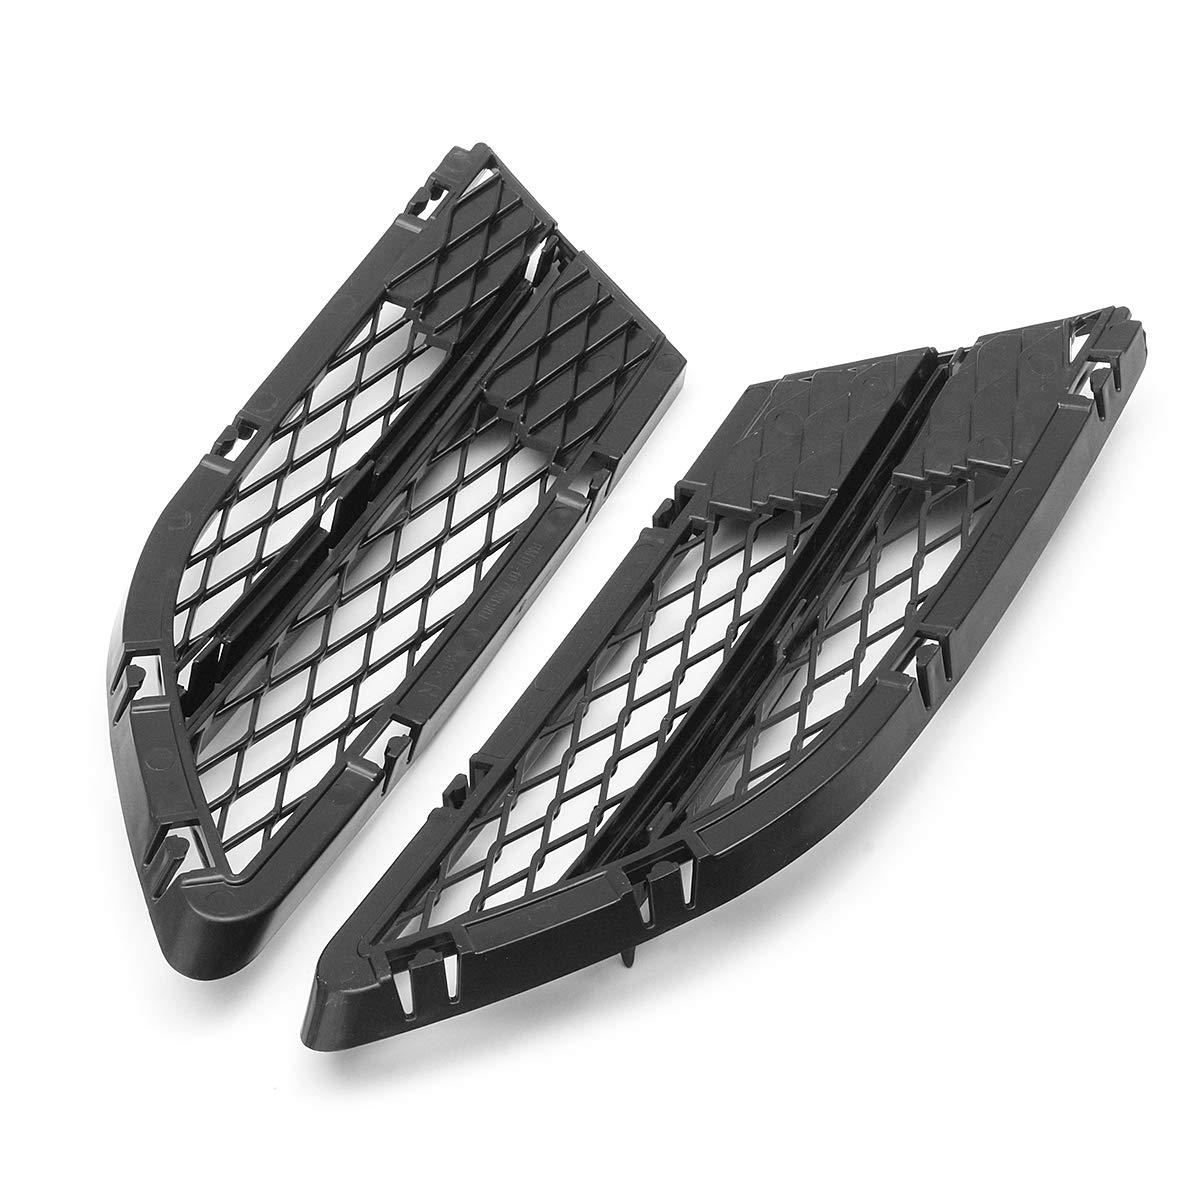 MOMOALA AAlamor Paraurti Anteriore Sfiati Anteriore Griglia Inferiore Grill Net per BMW Serie 3 E90 E91 325I 328I 335I